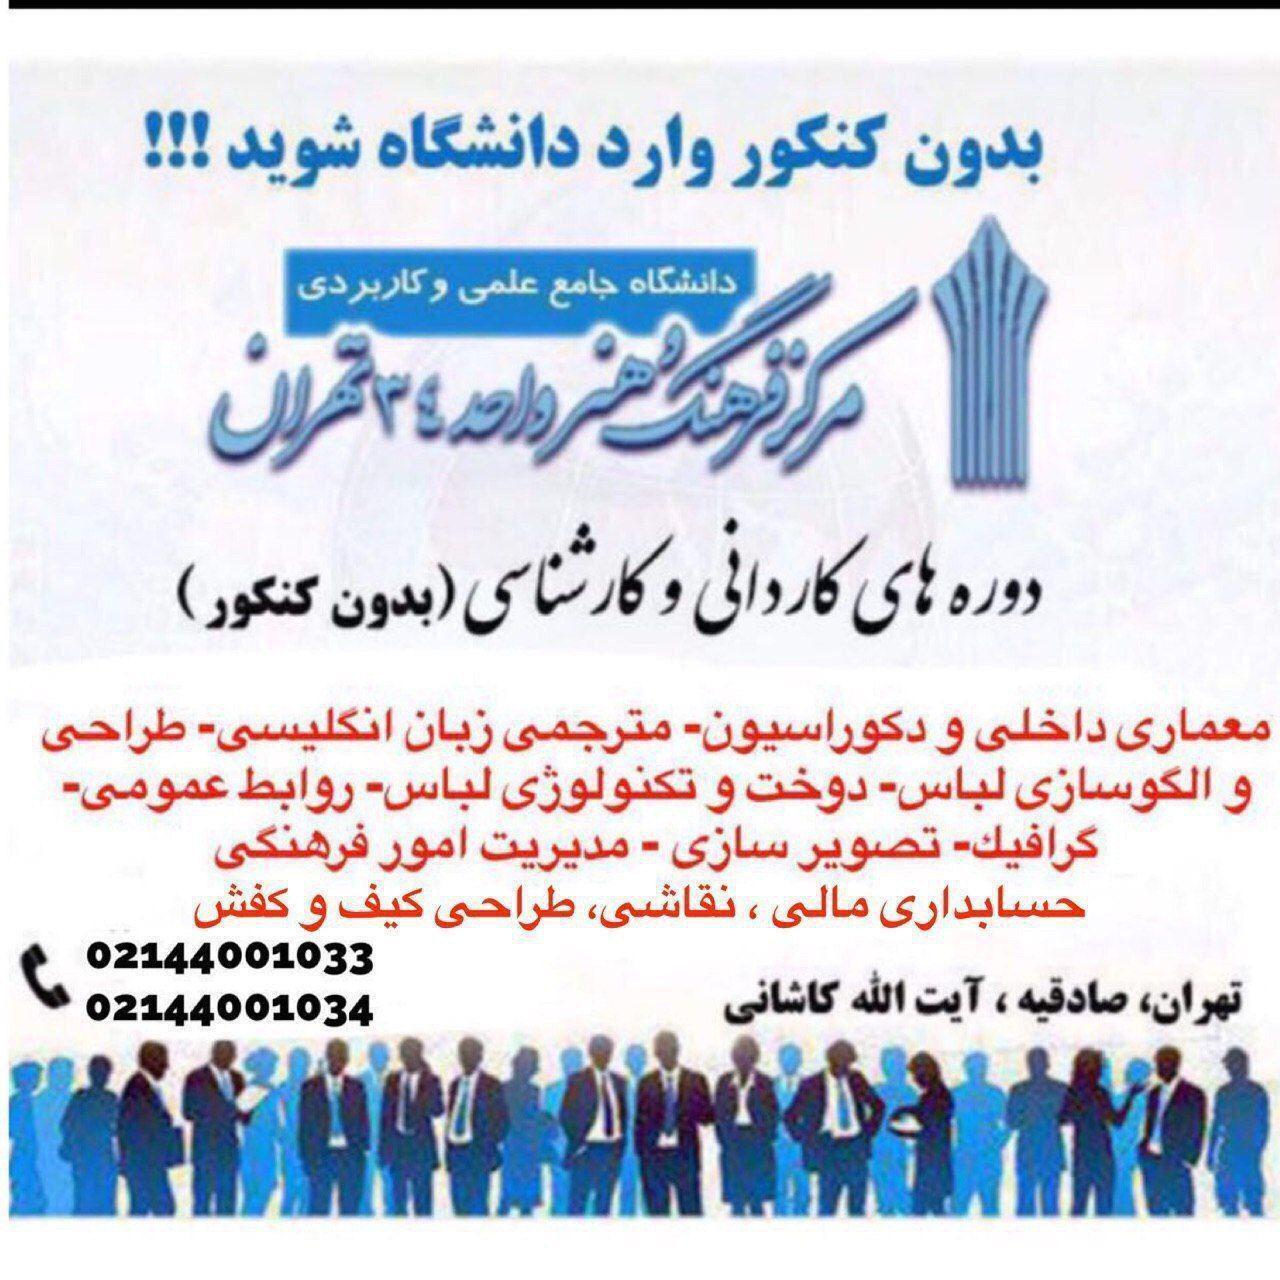 پذیرش بدون كنكور در واحد ٣٤ دانشگاه علمى كاربردى-تهران